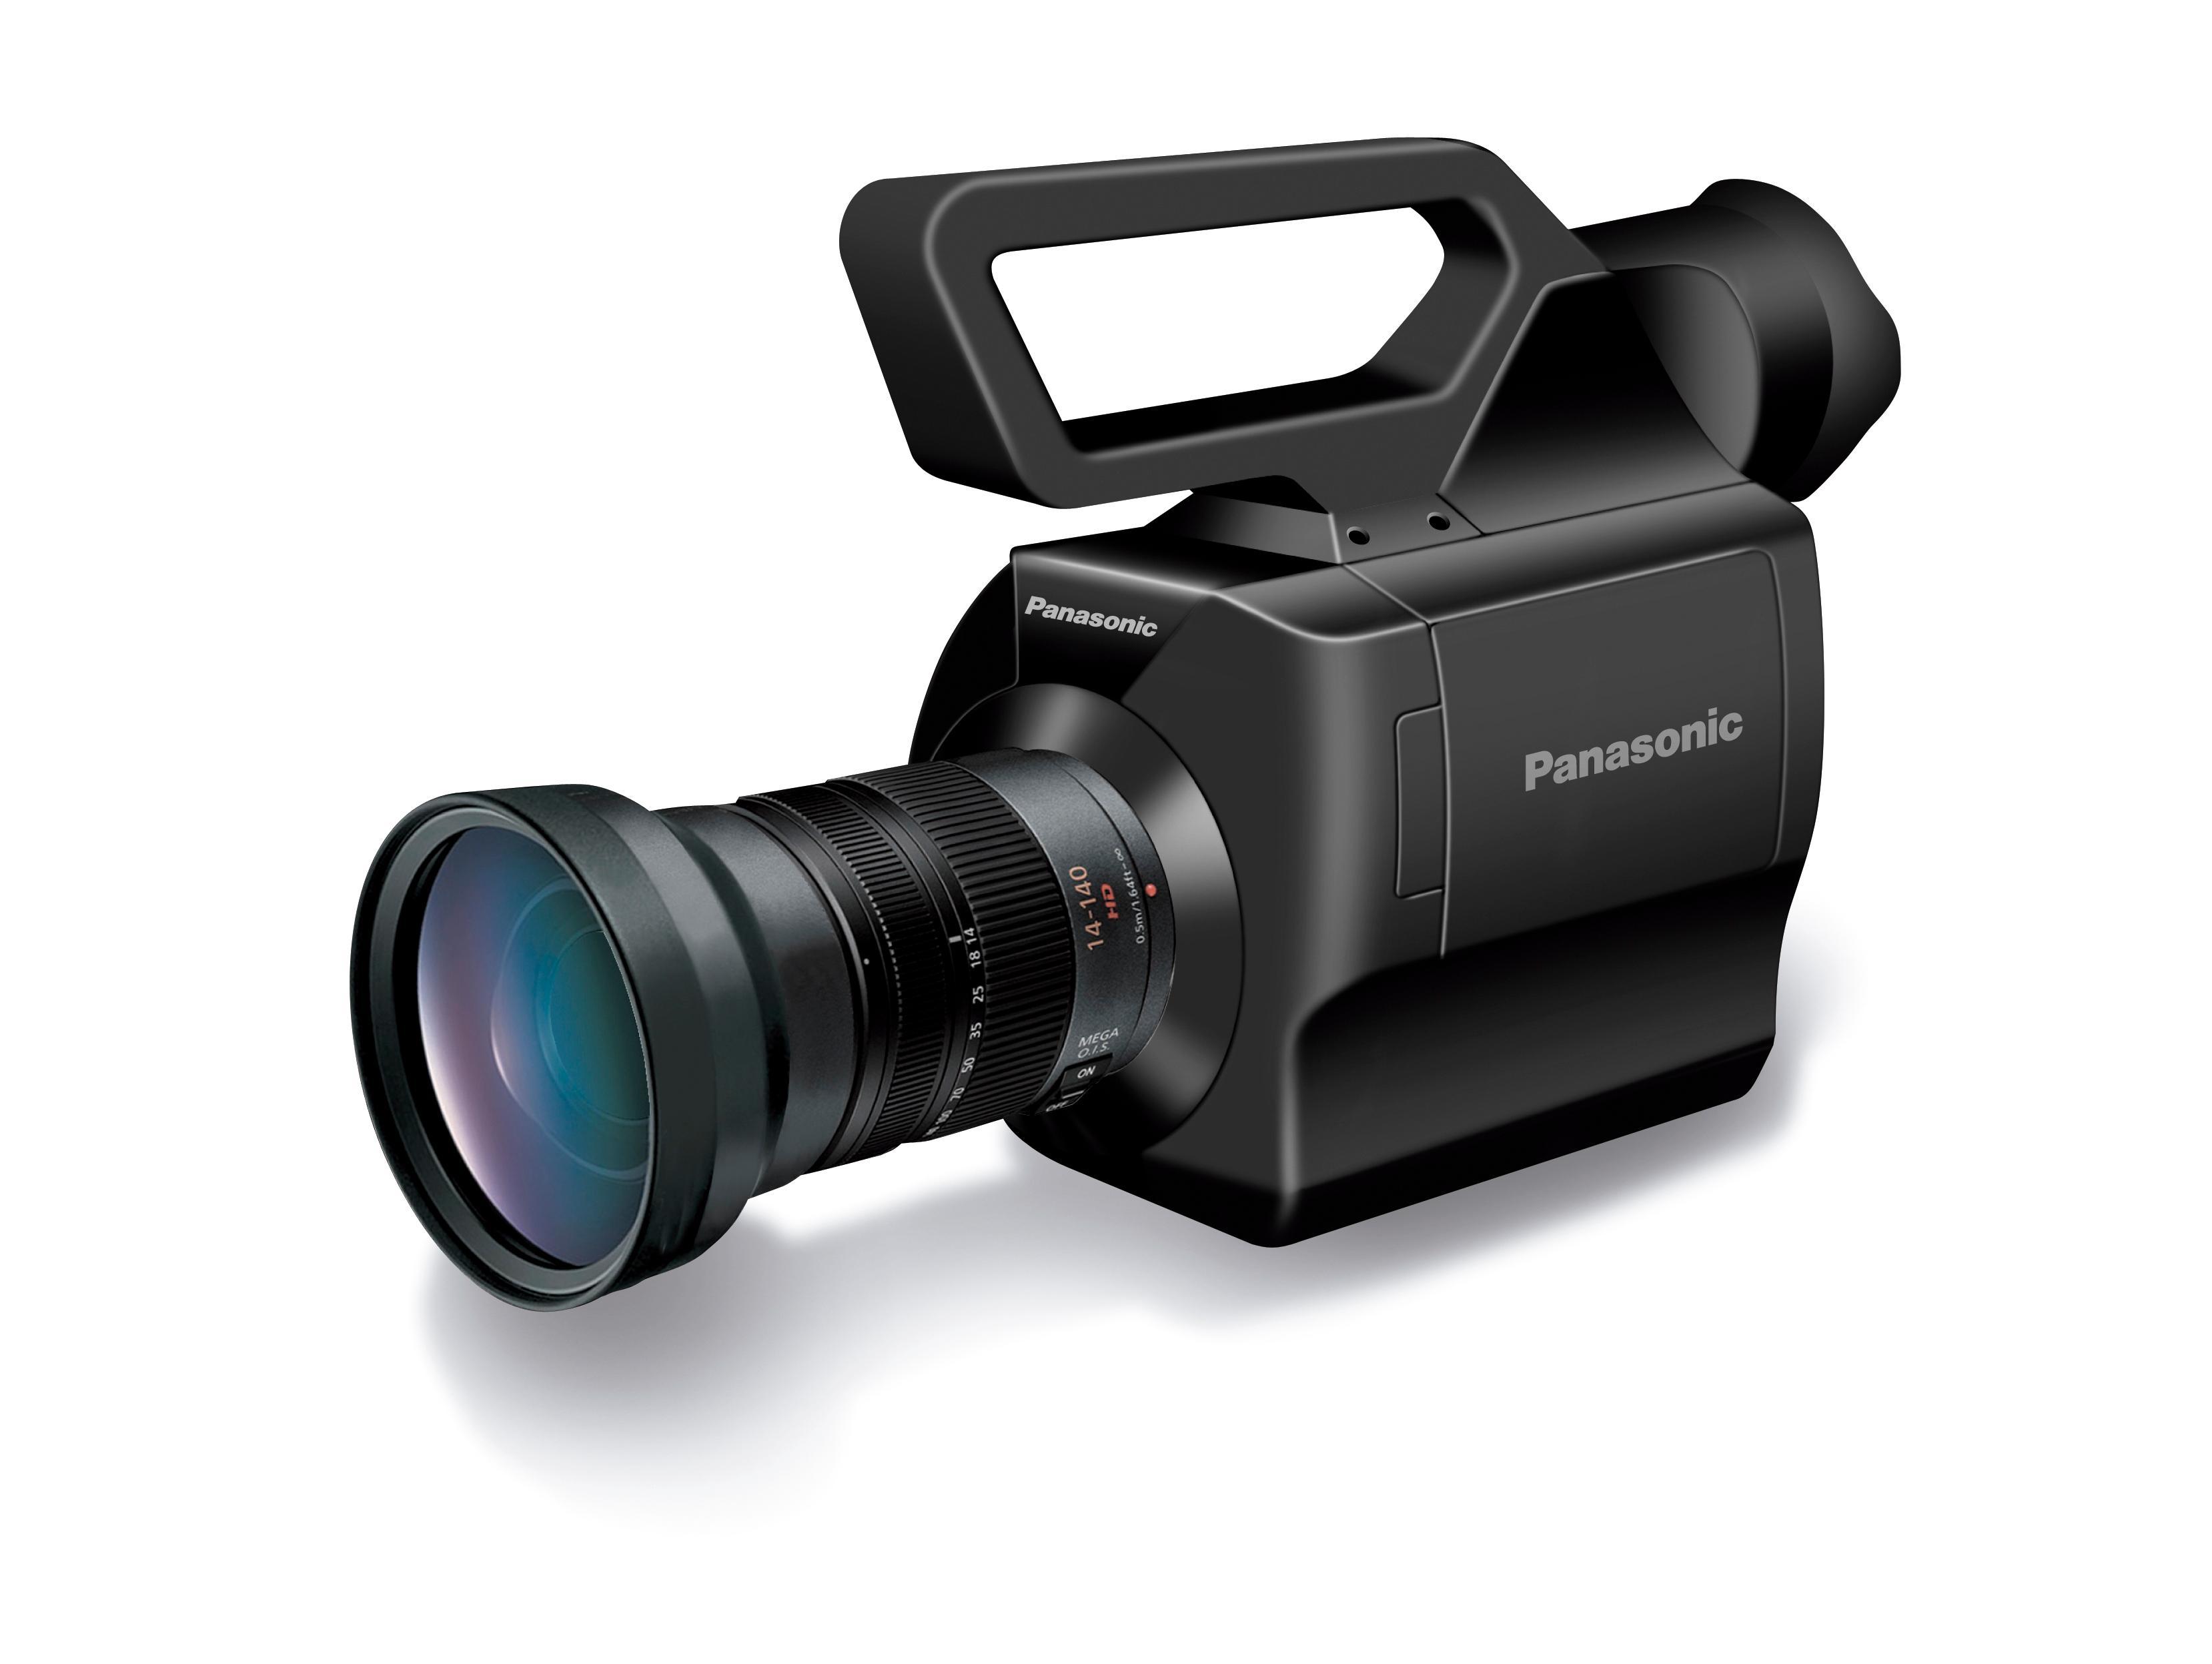 Lite og kompakt: Panasonic AG-AF100 kan være et viktig første skritt i rettning av små profesjonelle videokameraer med god kvalitet. FOTO: Panasonic